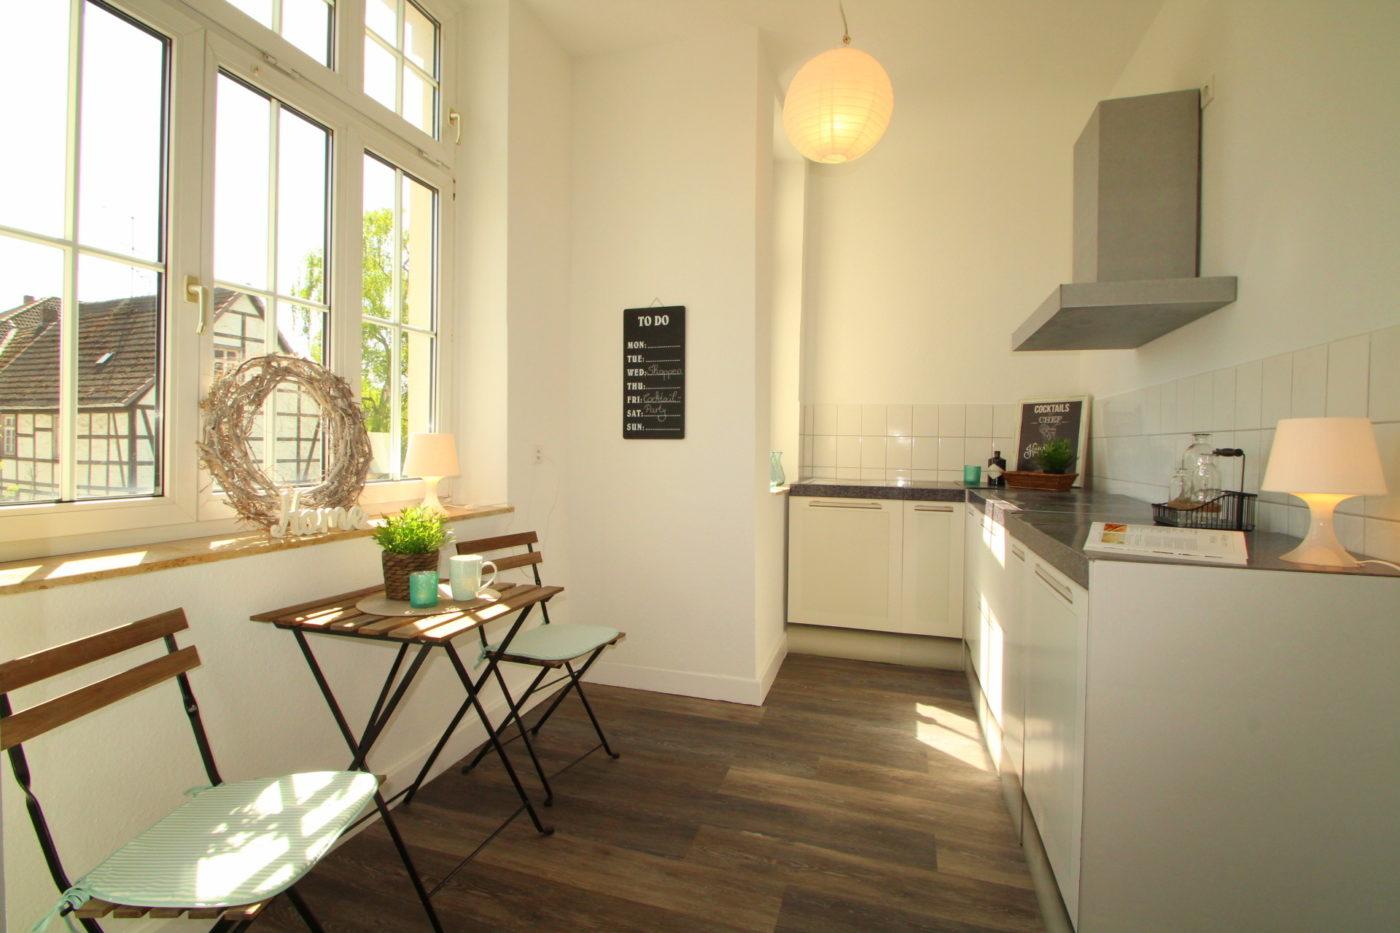 Wohnungen optisch aufbereiten und zum Bestpreis vermieten. Sie möchten ein solventes Mietklientel? Dann nutzen Sie den Service Home Staging von Blickfang Homestaging in Soest